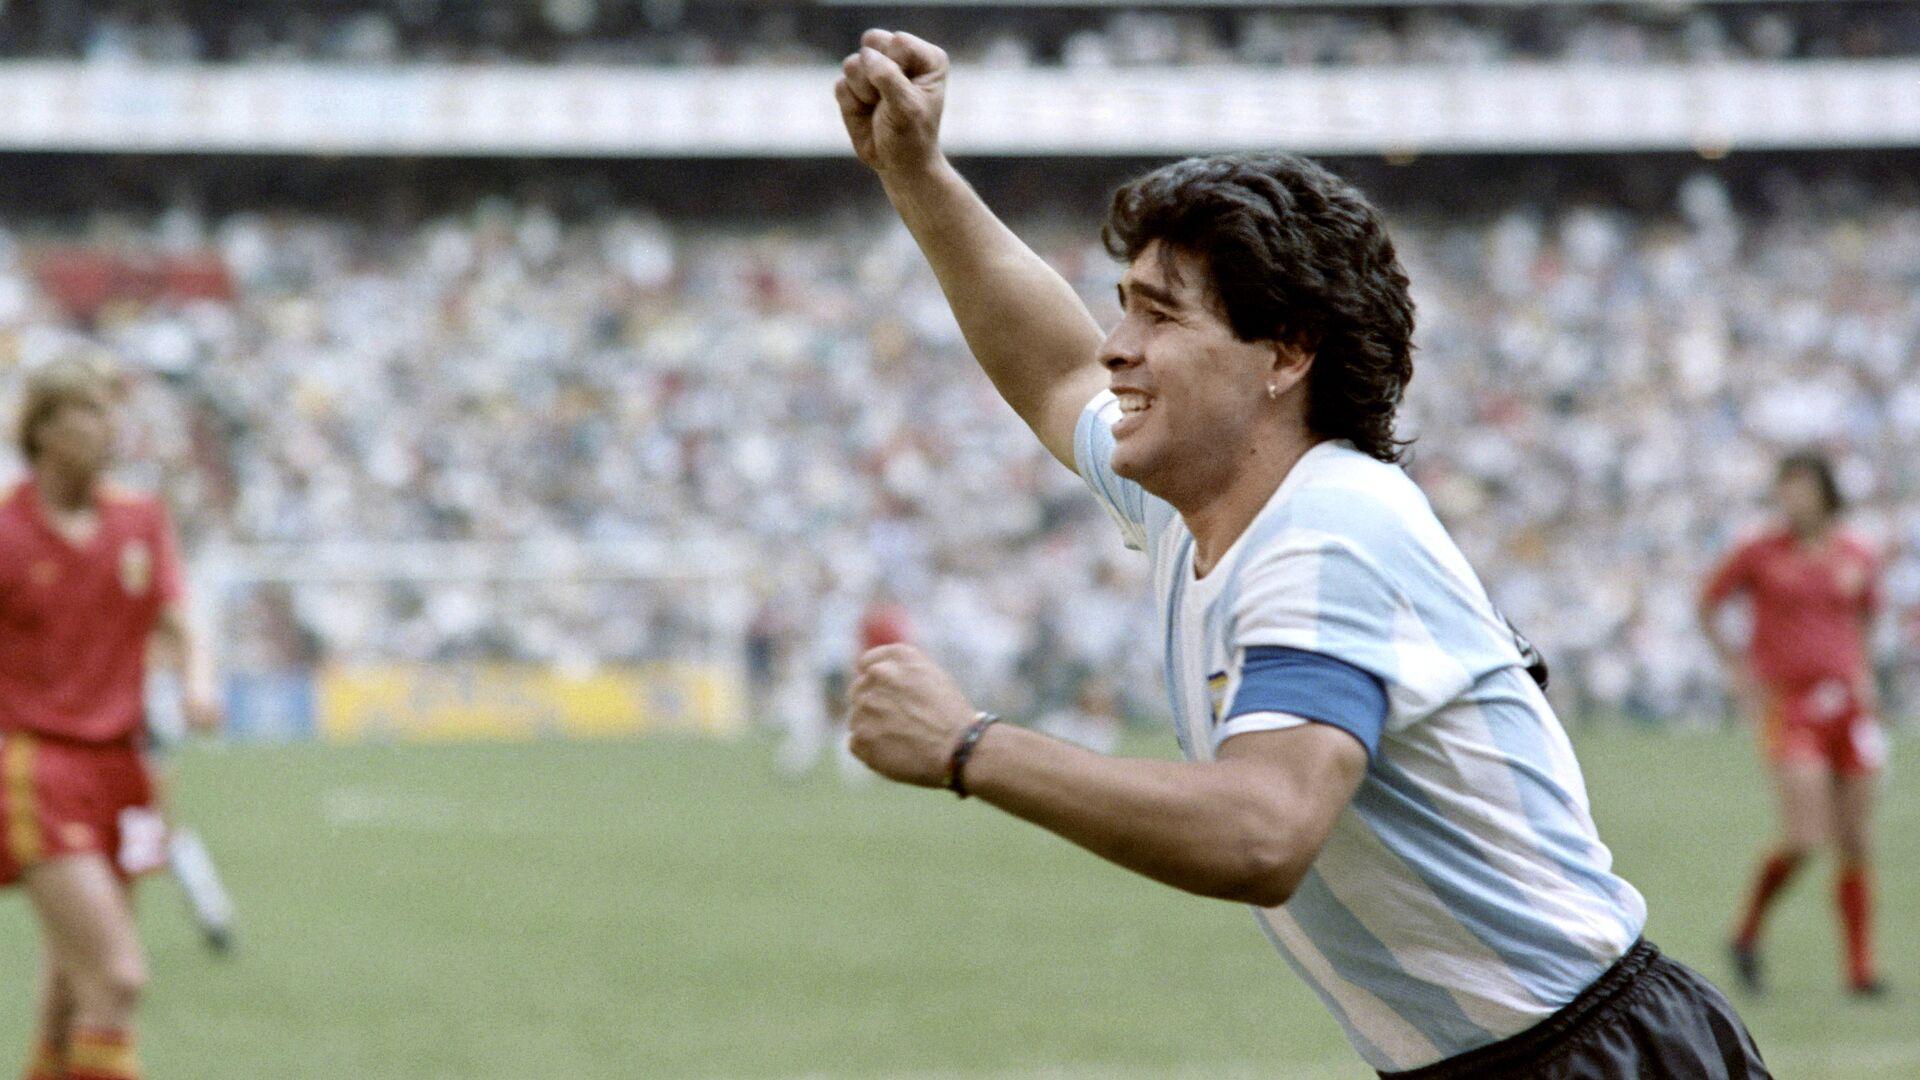 Futbolista Diego Maradona durante la Copa Mundial 1986 - Sputnik Mundo, 1920, 16.09.2021